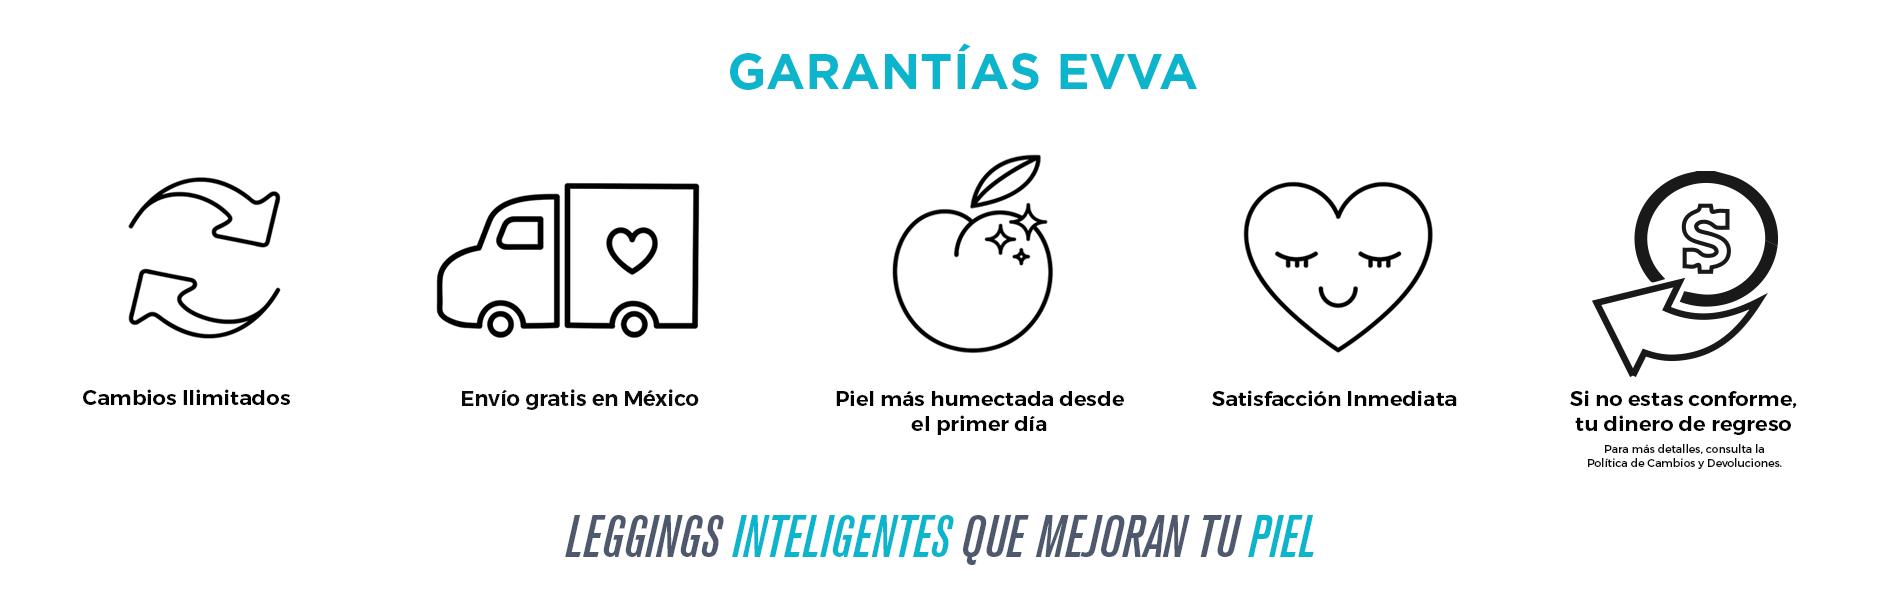 EVVA_GARANTIAS_EVVA